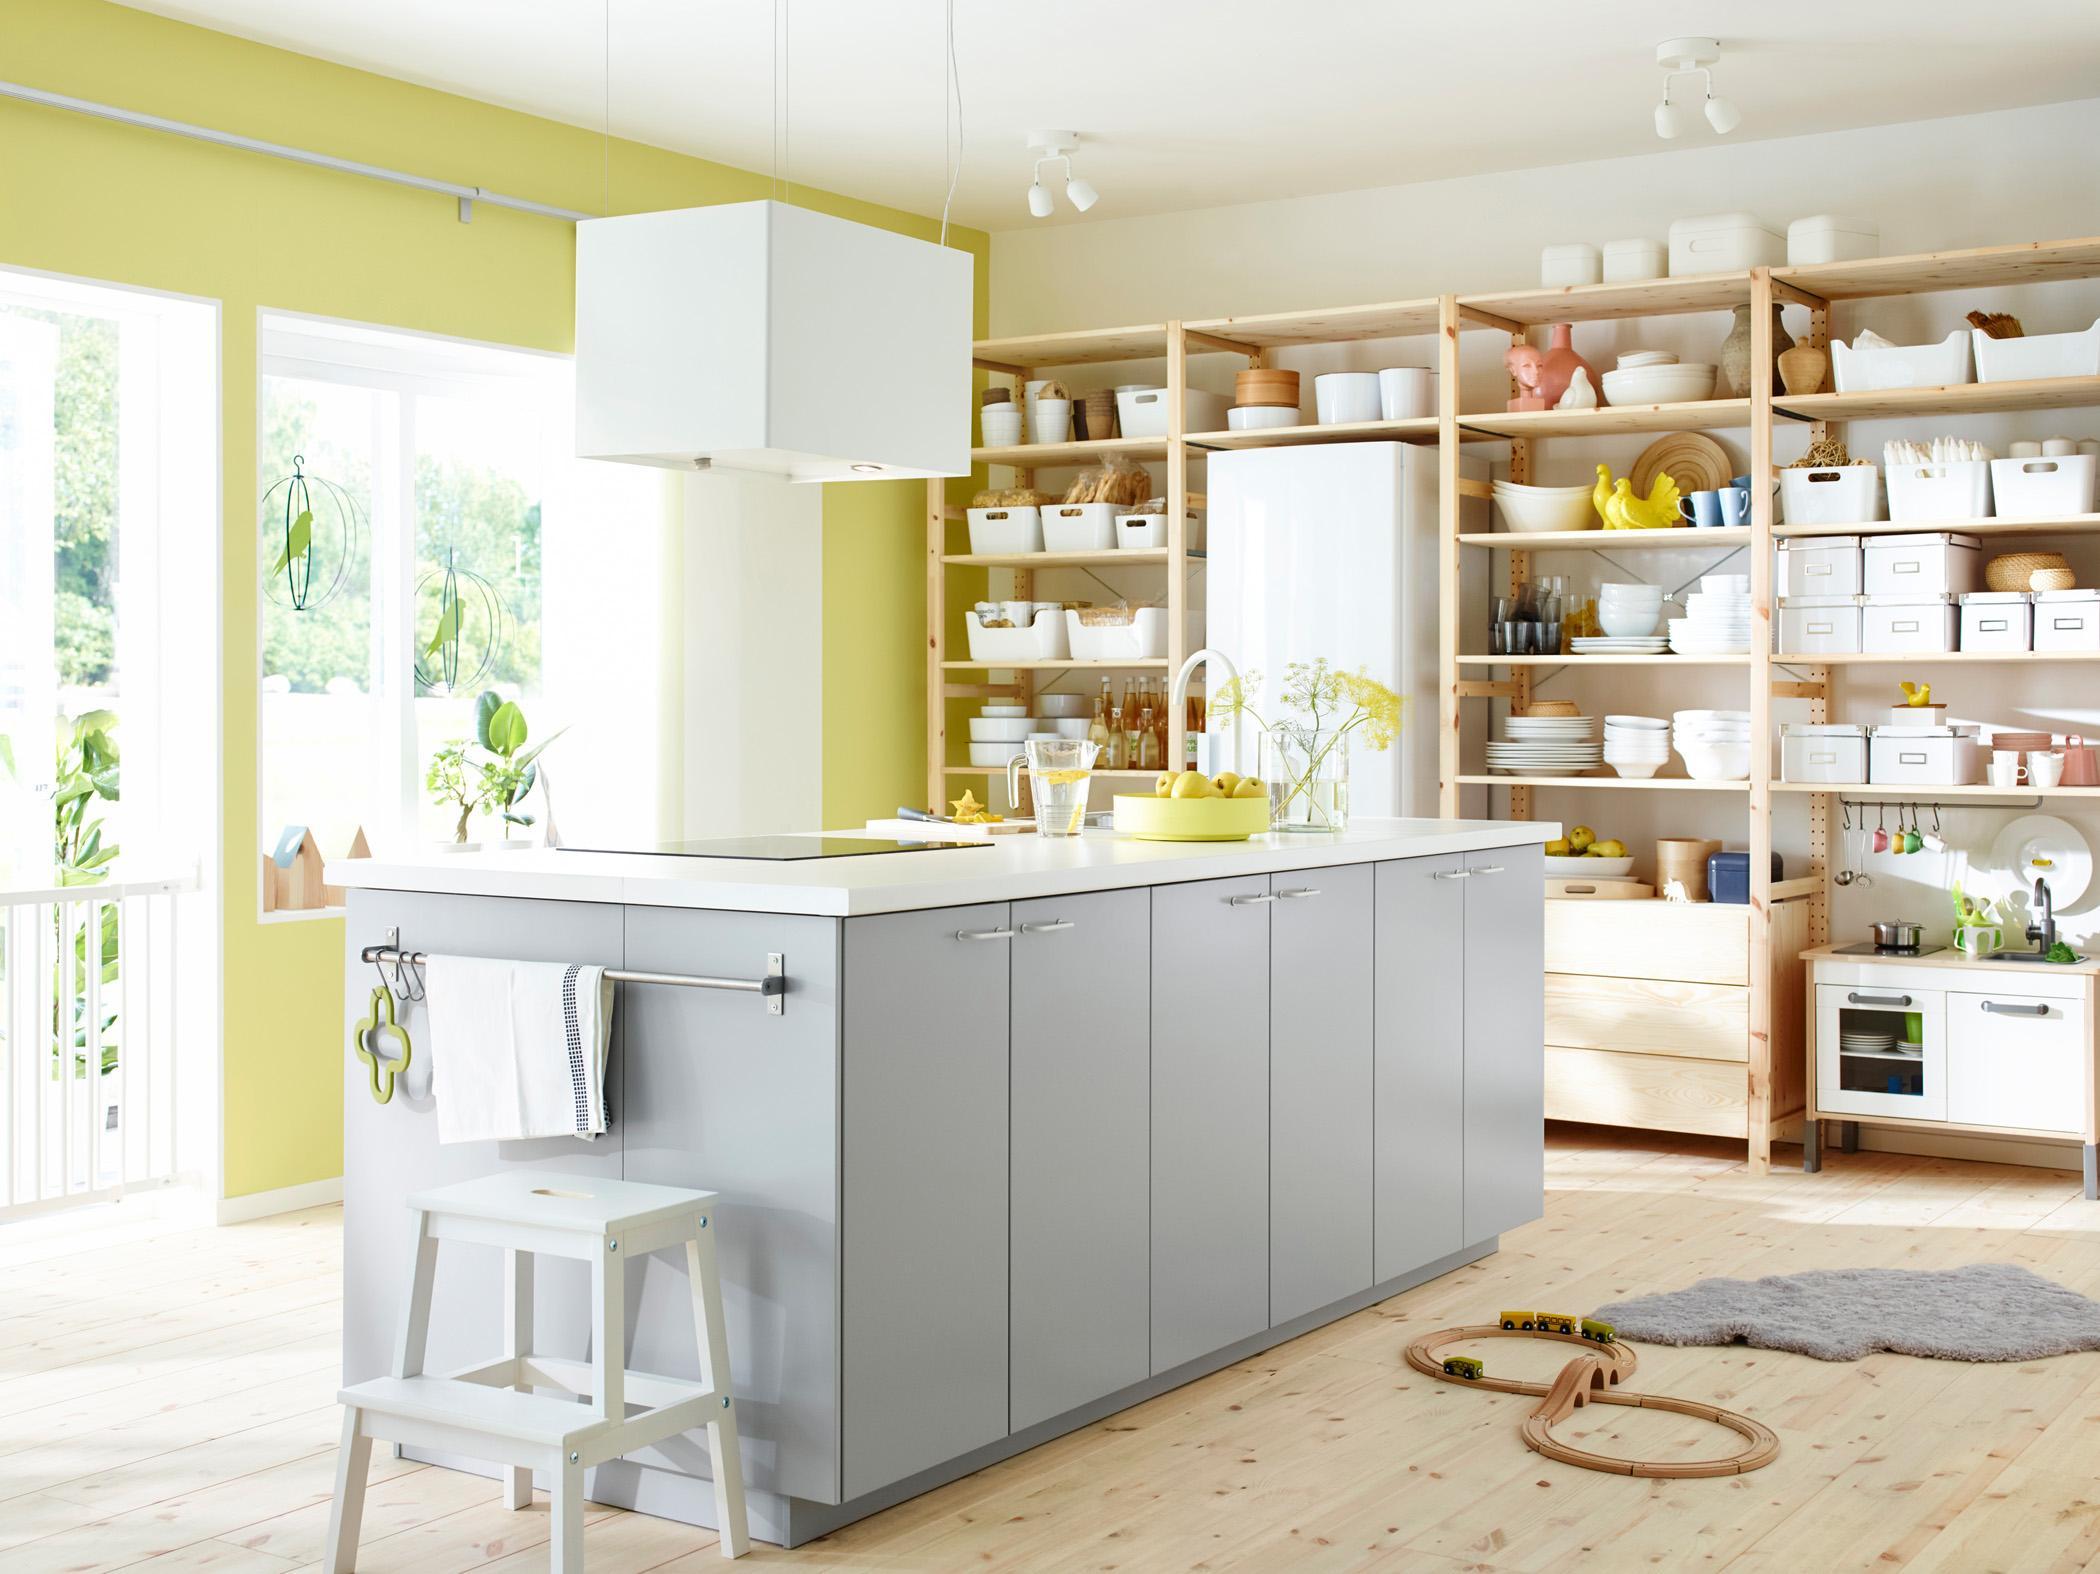 Full Size of Regalsystem Statt Kchenschrank Ikea Modulküche Küche Kosten Kaufen Miniküche Betten Bei 160x200 Sofa Mit Schlaffunktion Wohnzimmer Ikea Küchenregal